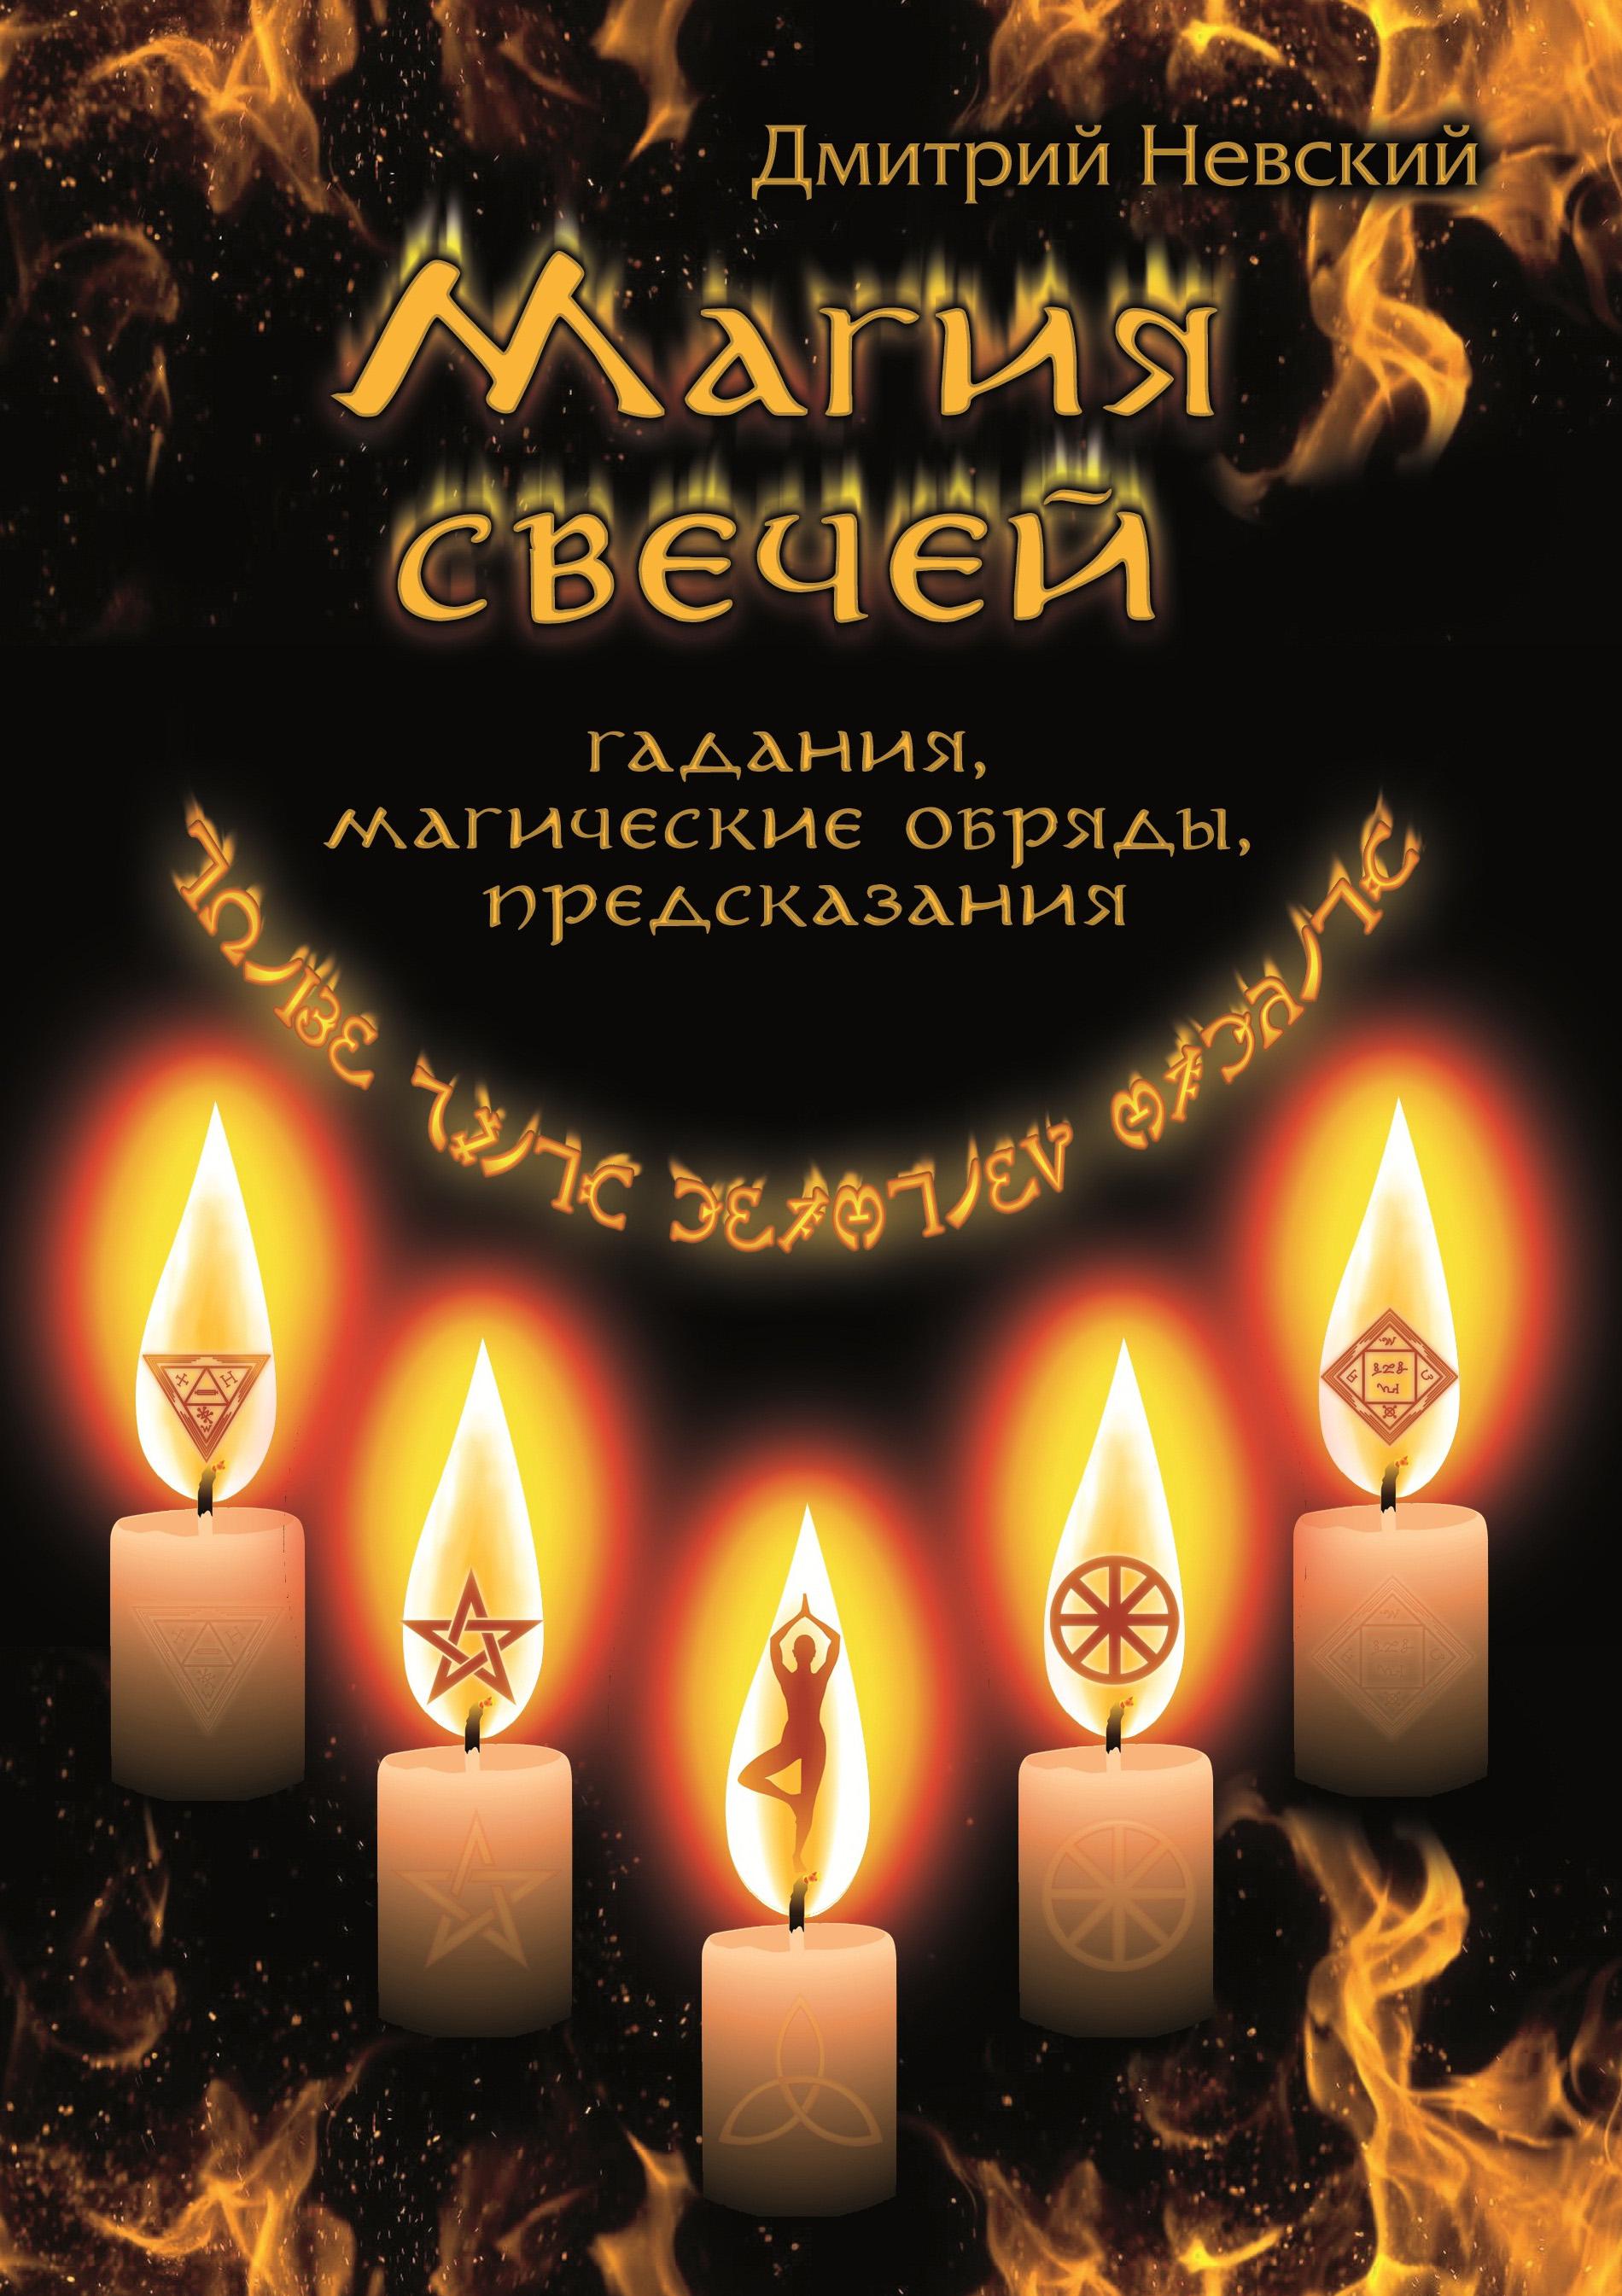 Дмитрий Невский Магия свечей. Обряды очищения и защиты дмитрий невский магия судьбы